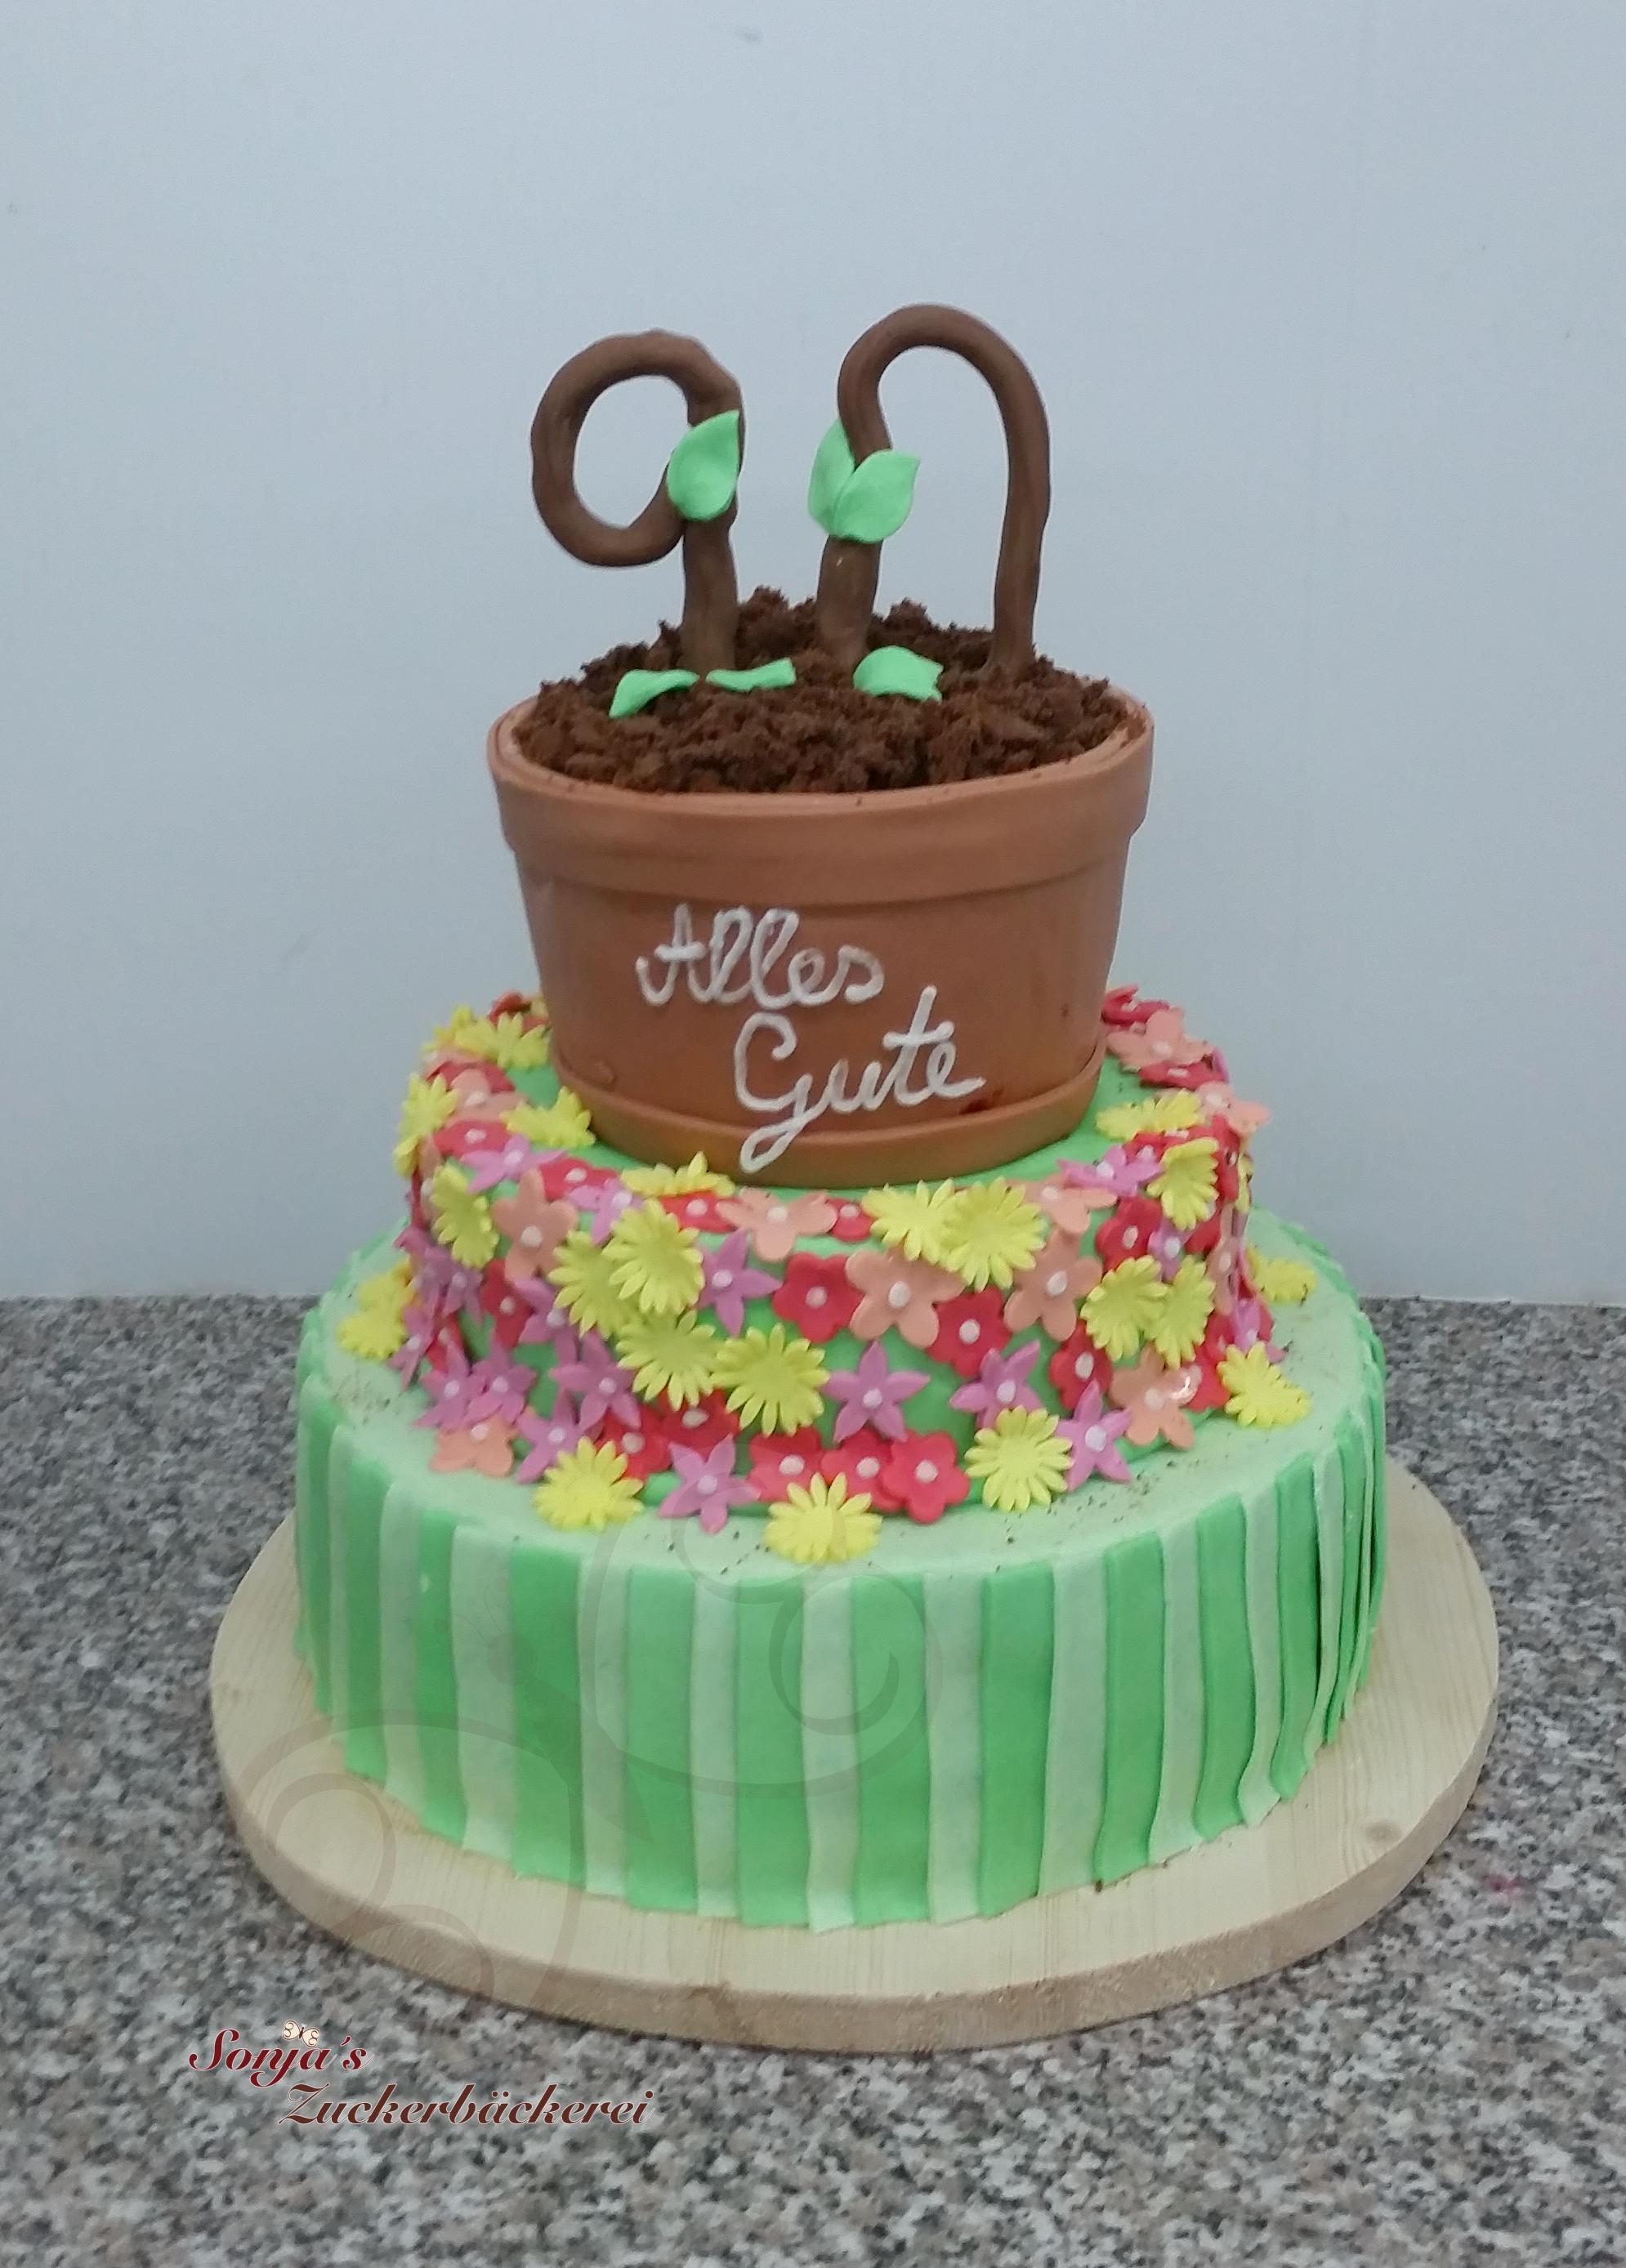 3 Stöckige Torte Zum Geburtstag Sonjas Zuckerbäckerei